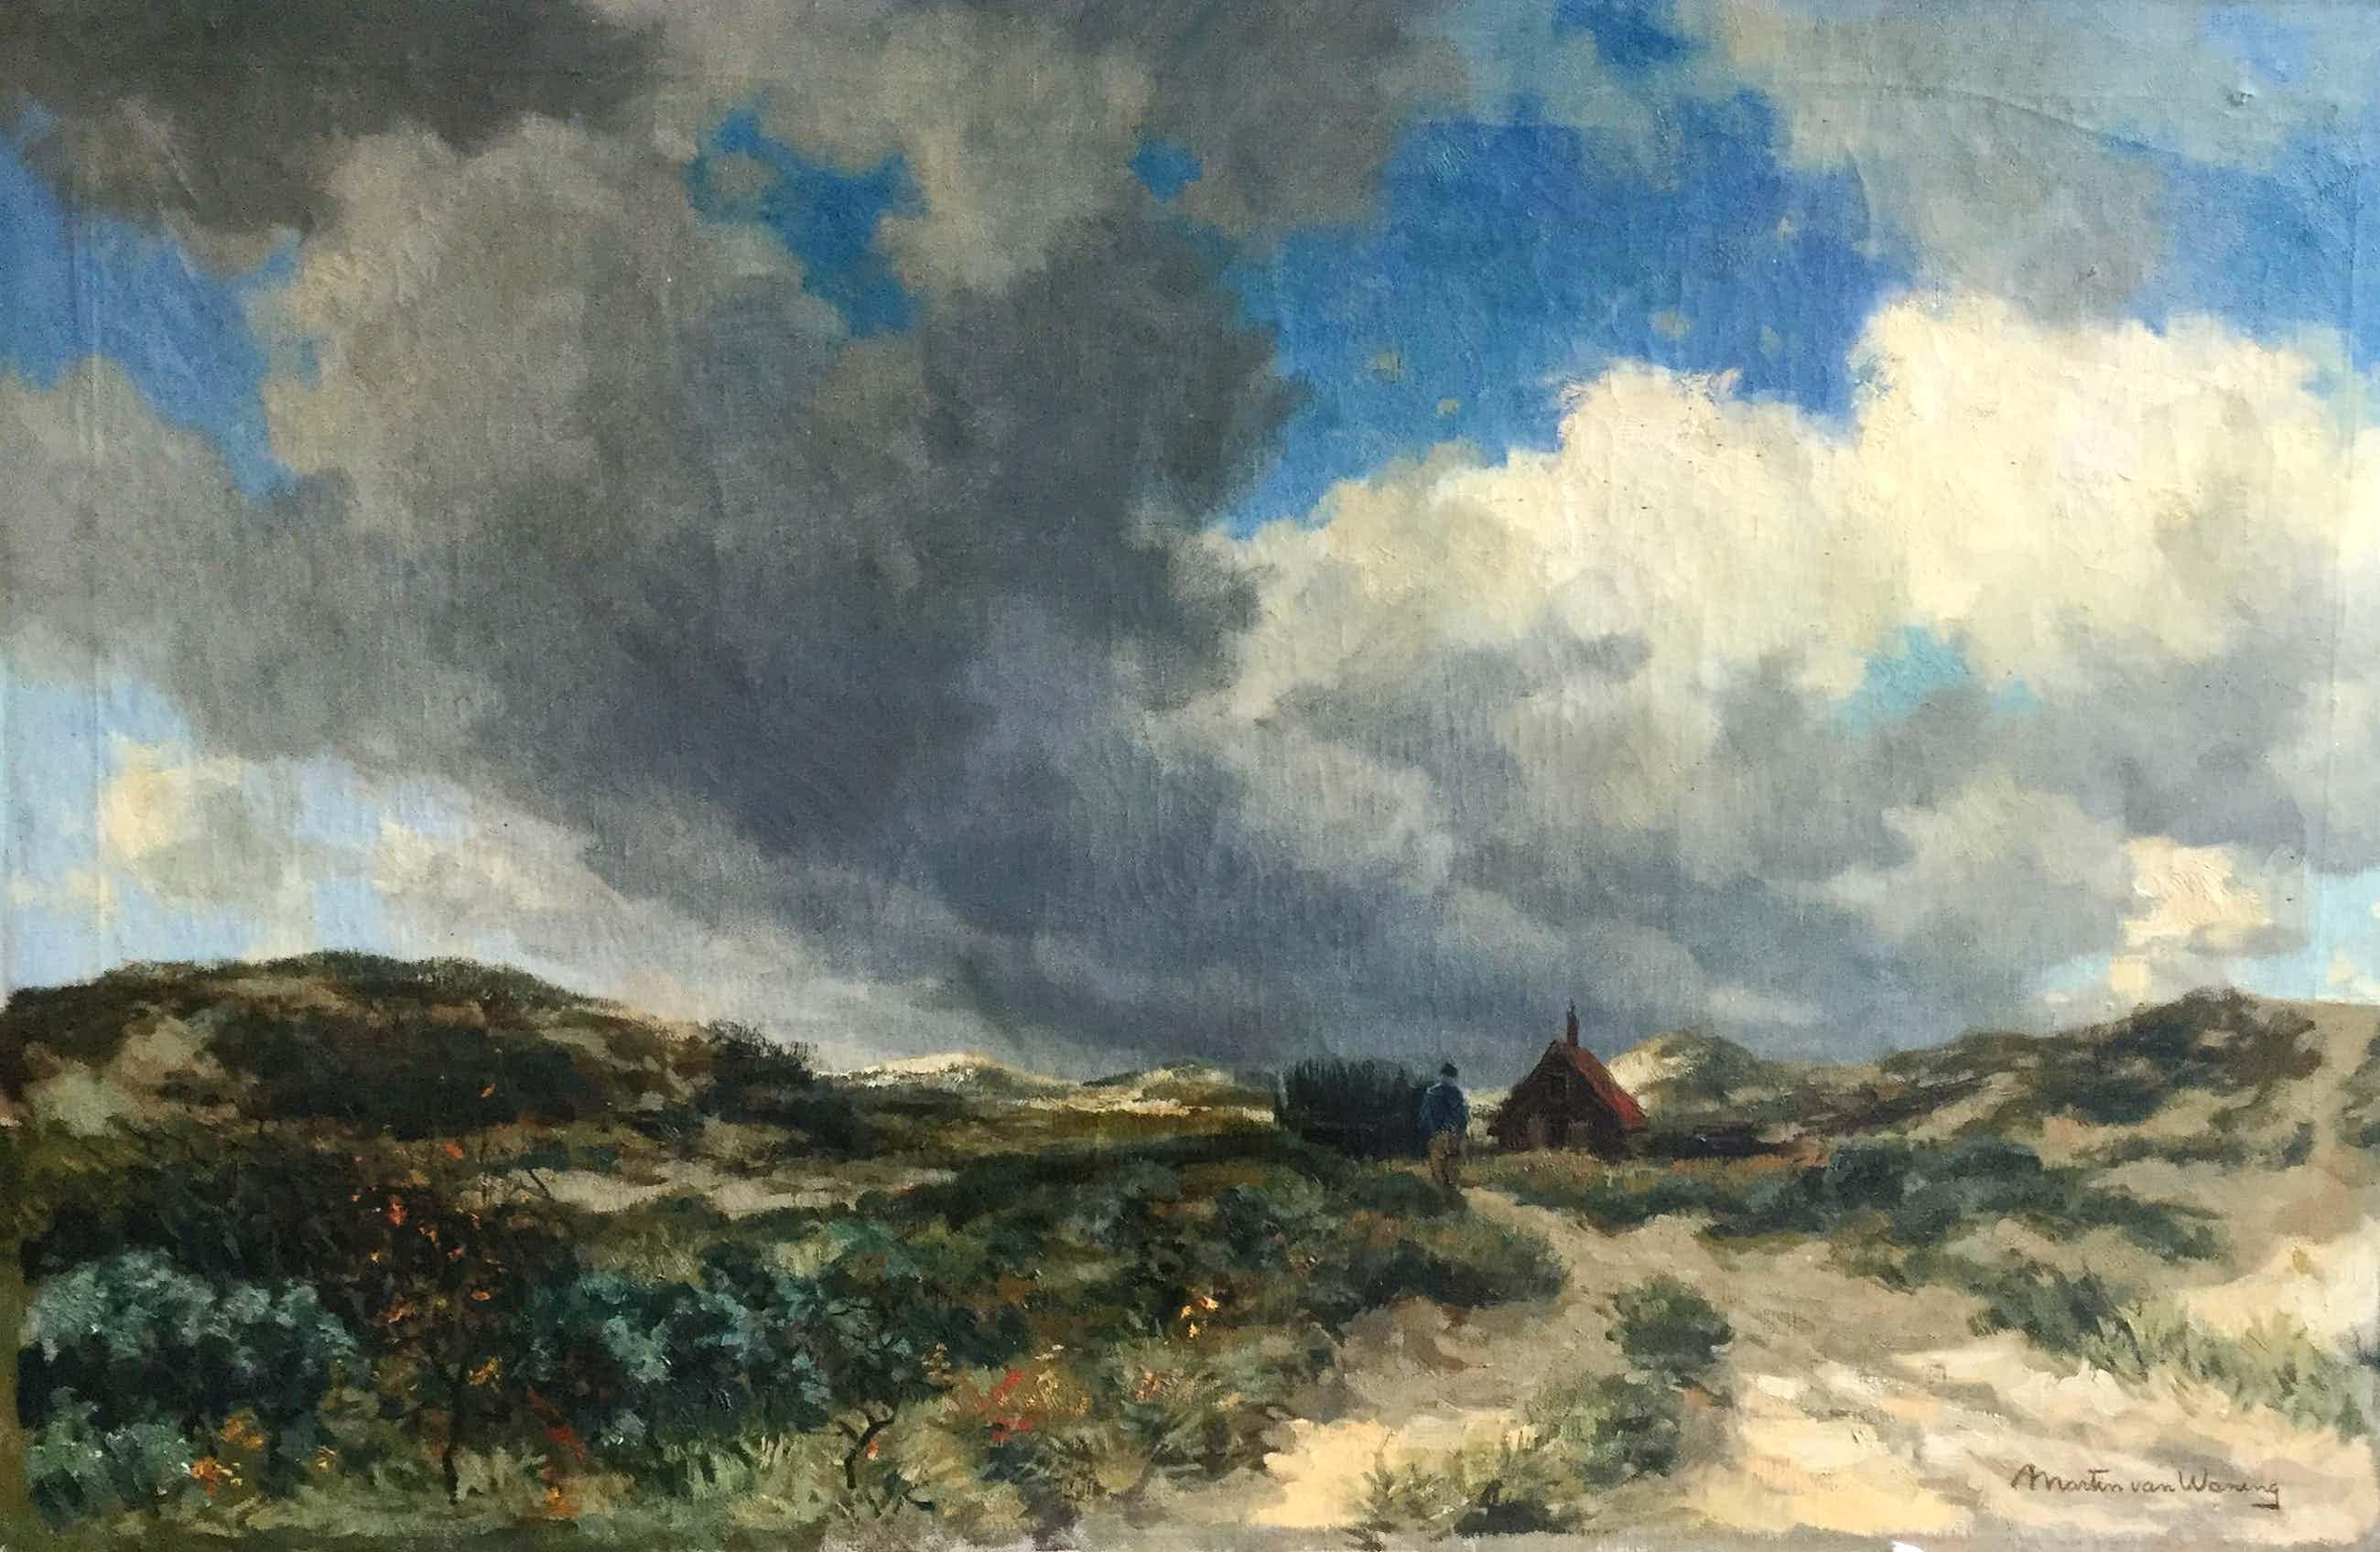 Martin van Waning - C3843-190814, Duinlandschap met wandelaar en huisje kopen? Bied vanaf 450!